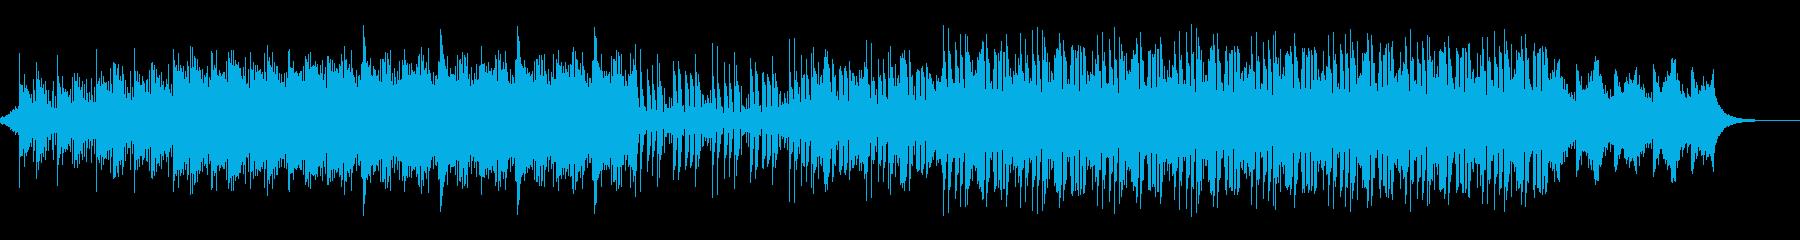 ウェディング4 Cドラム無、披露宴入場の再生済みの波形